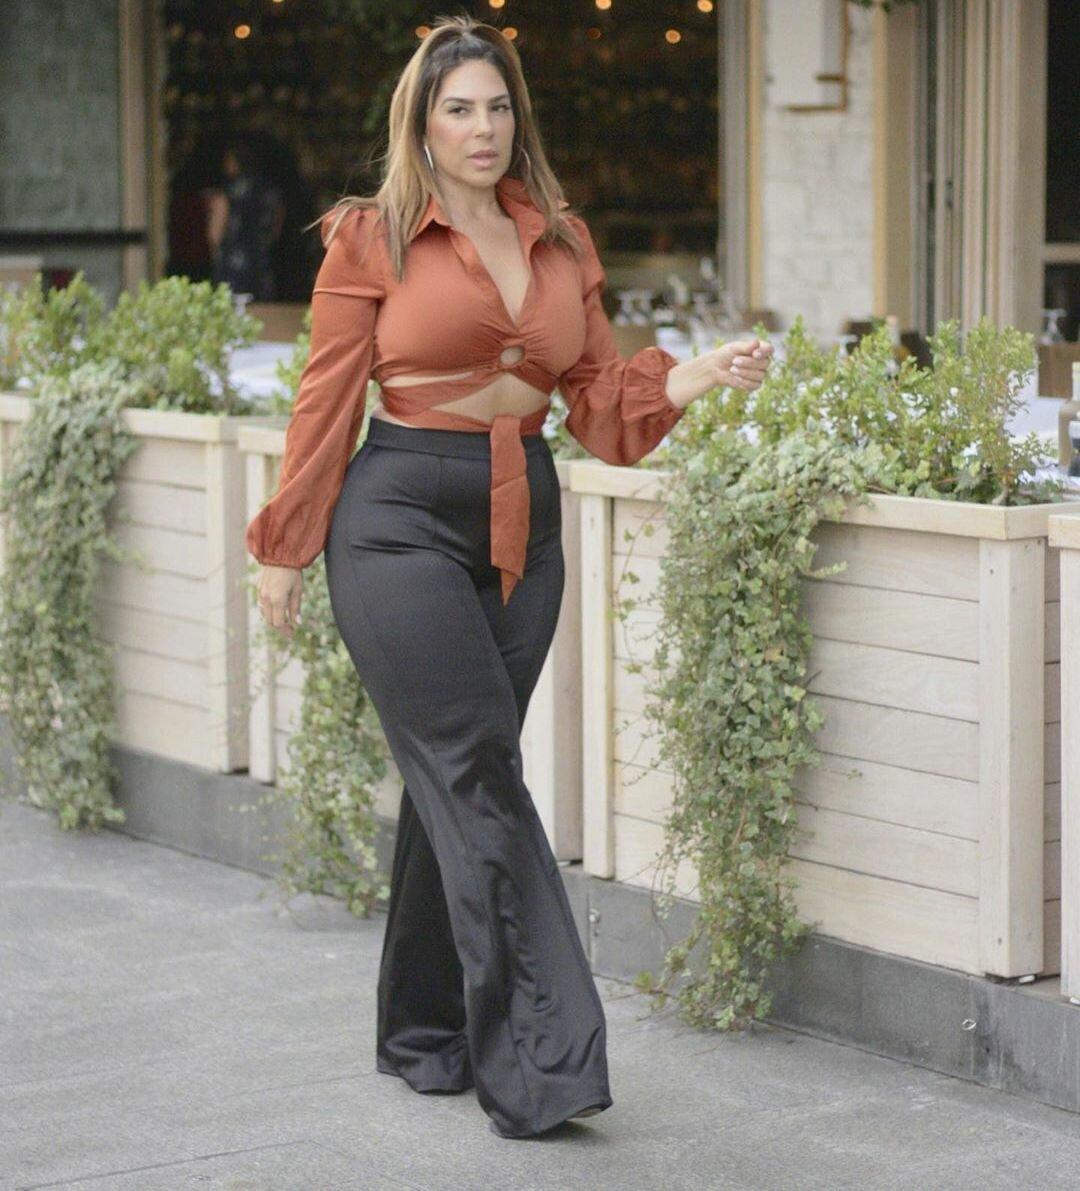 Стильно или вульгарно? Модная пышка 50+, которая выглядит великолепно красота,мода,мода и красота,модные блогеры,модные образы,стиль,фигура